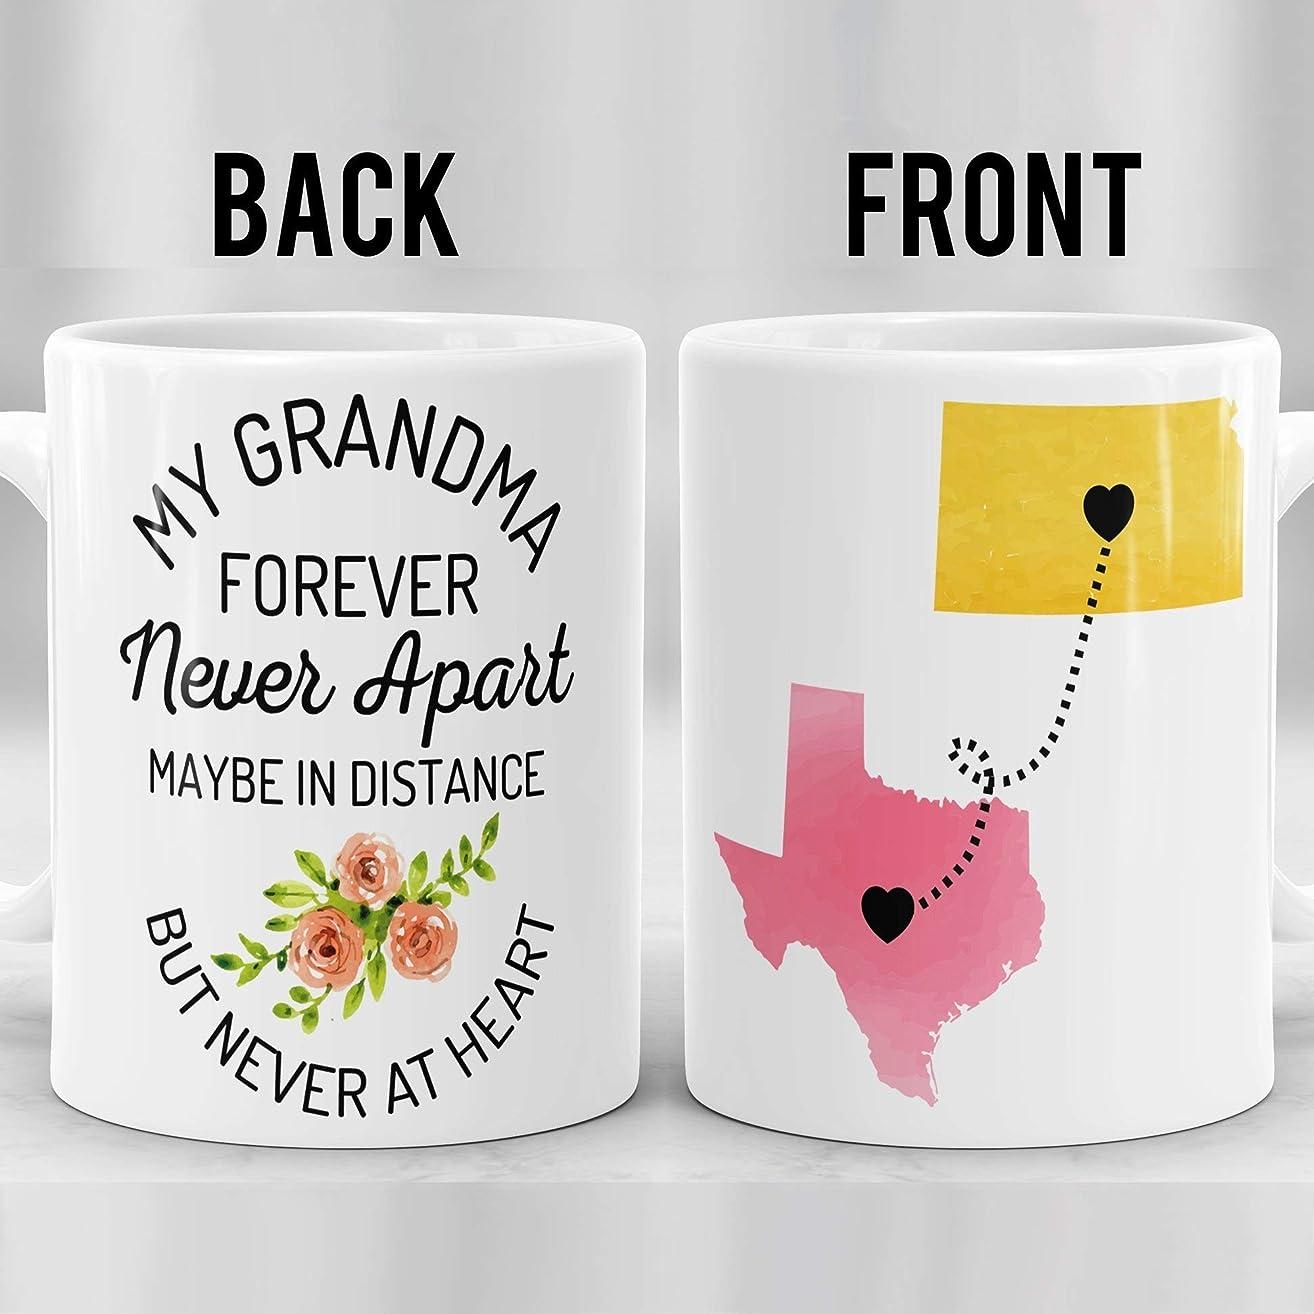 Grandma Long Distance Mug, State to State Mug for Grandma, Connecting States Mug, Nana Mug, Mimi Mug, Moving States Mug, Mothers Day Mug